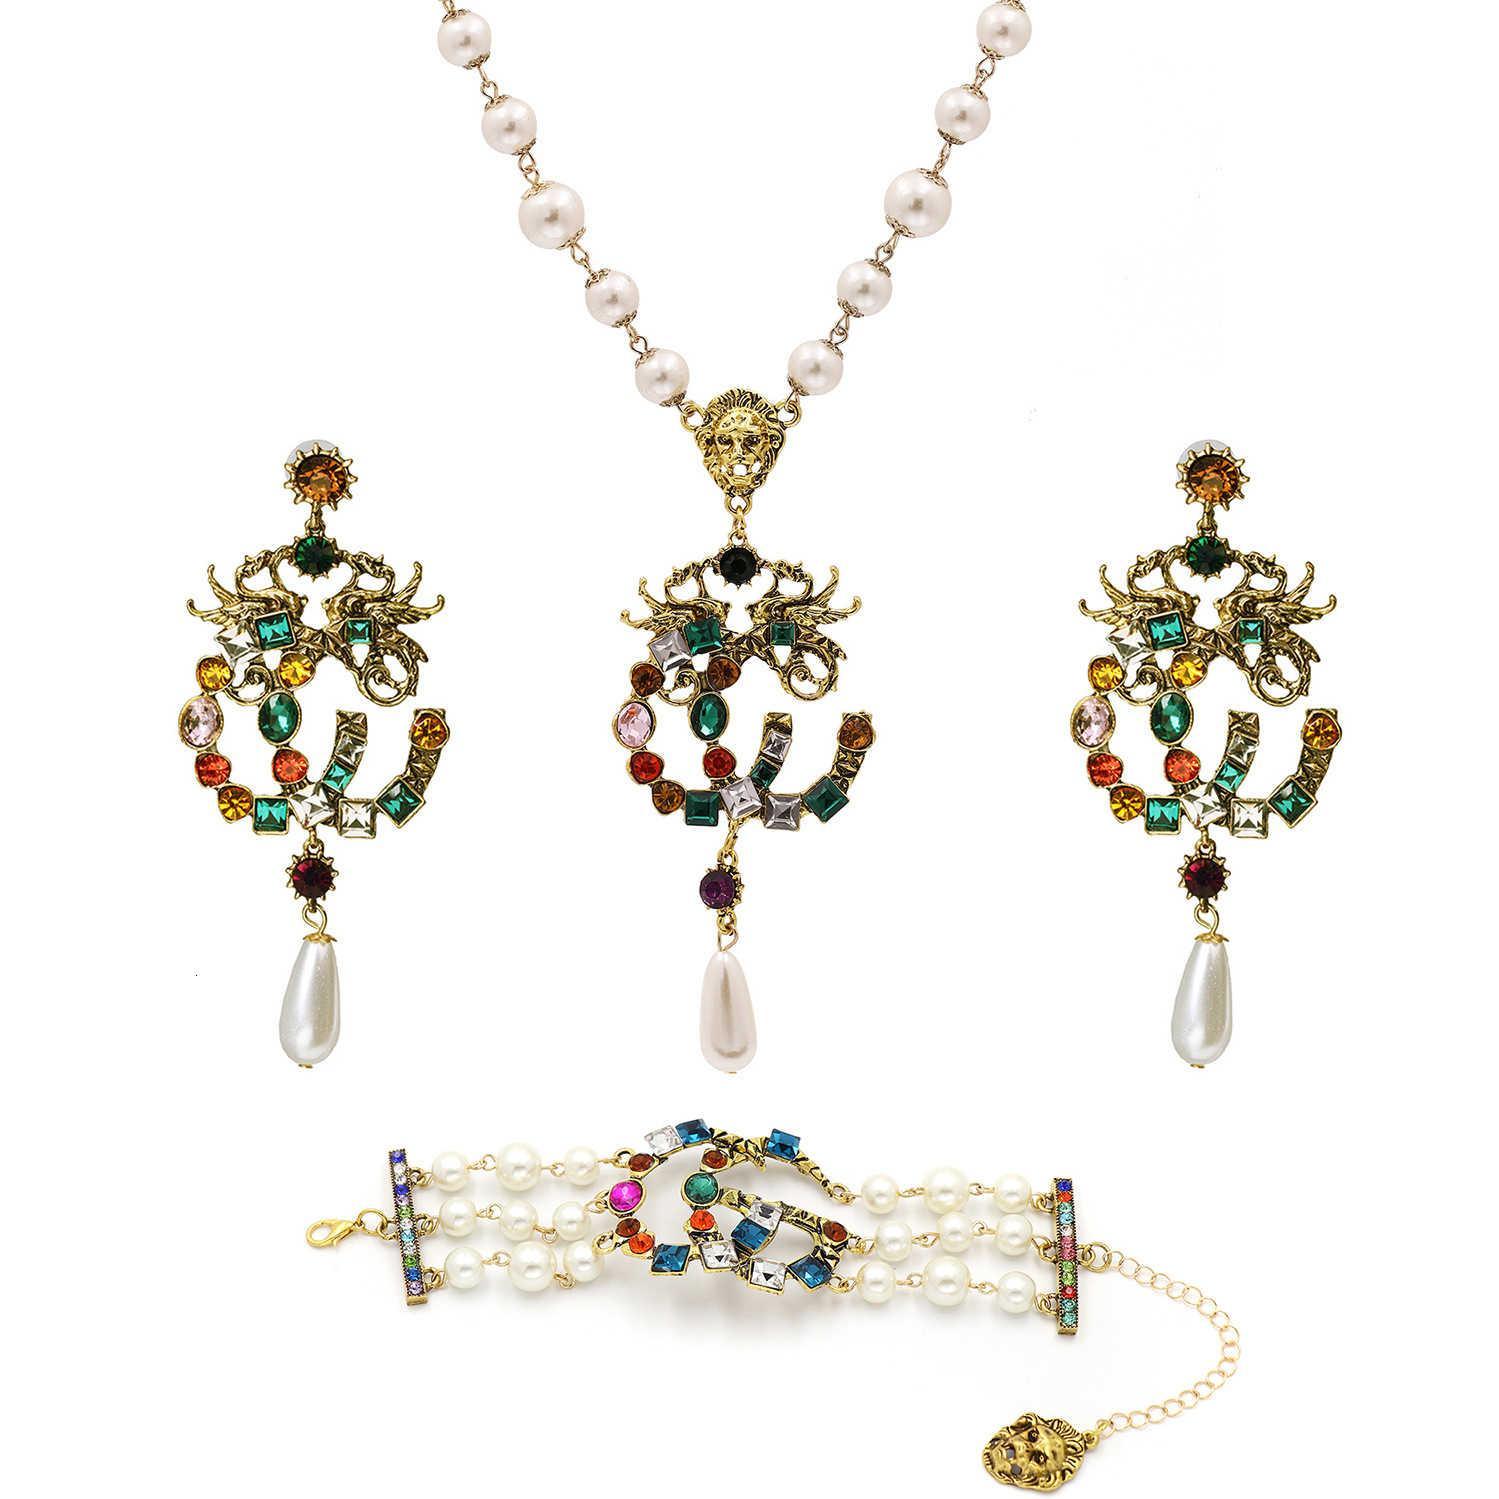 10401 Nuevo estilo G feminidad hembra exageración collar de bronce pulsera pendiente conjunto